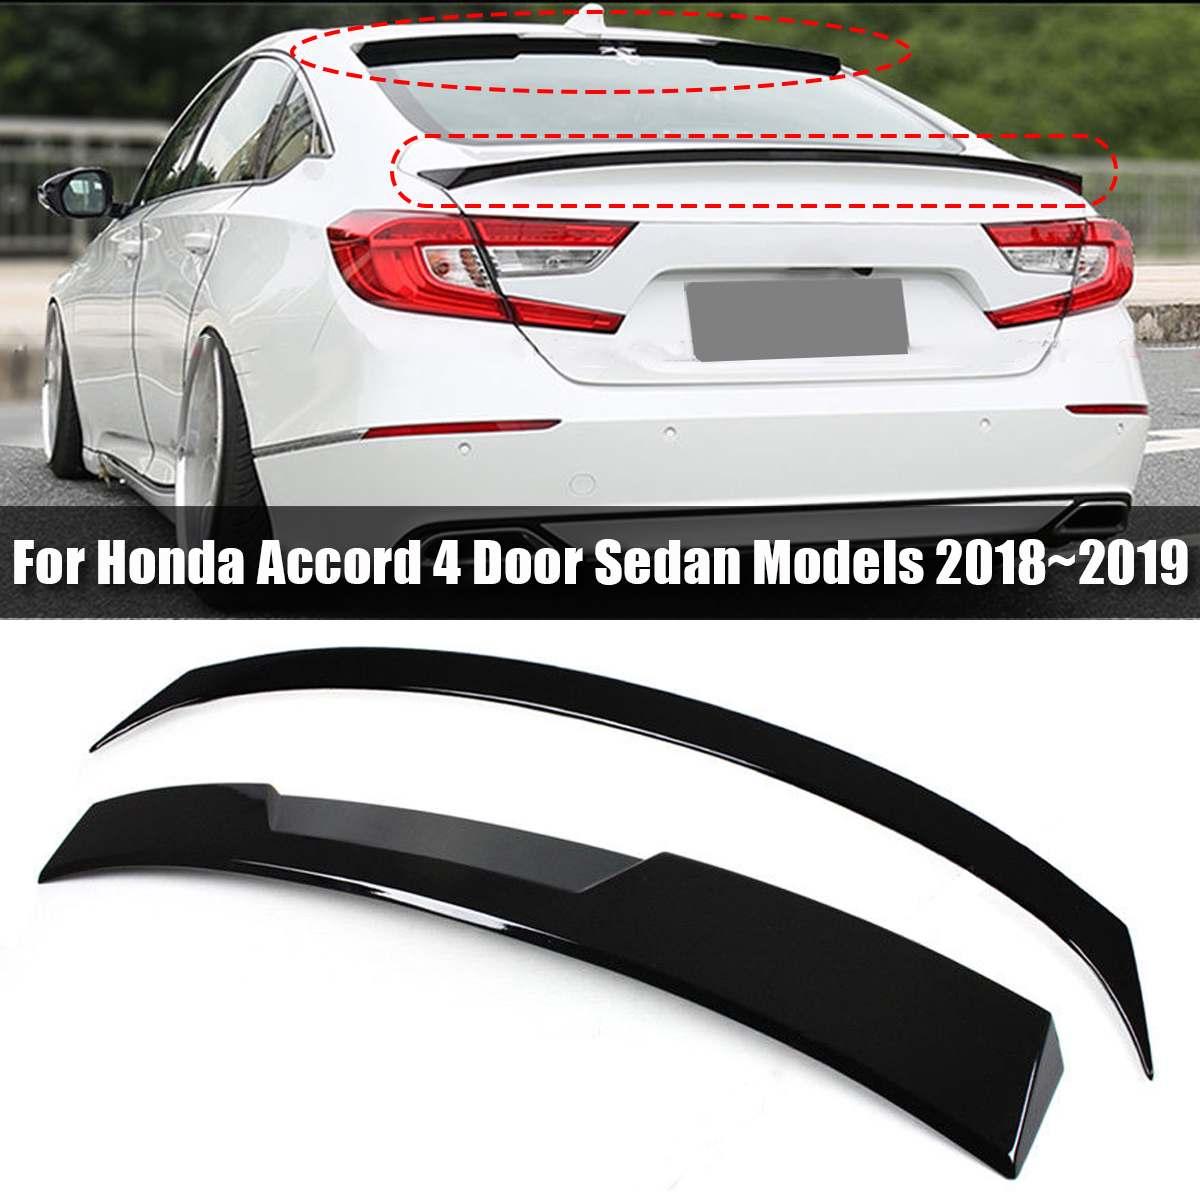 Черный автомобиль крыло багажника спойлер + заднее окно спойлер на крыше для HONDA для ACCORD 2018 ~ 2019 внешние части спойлер